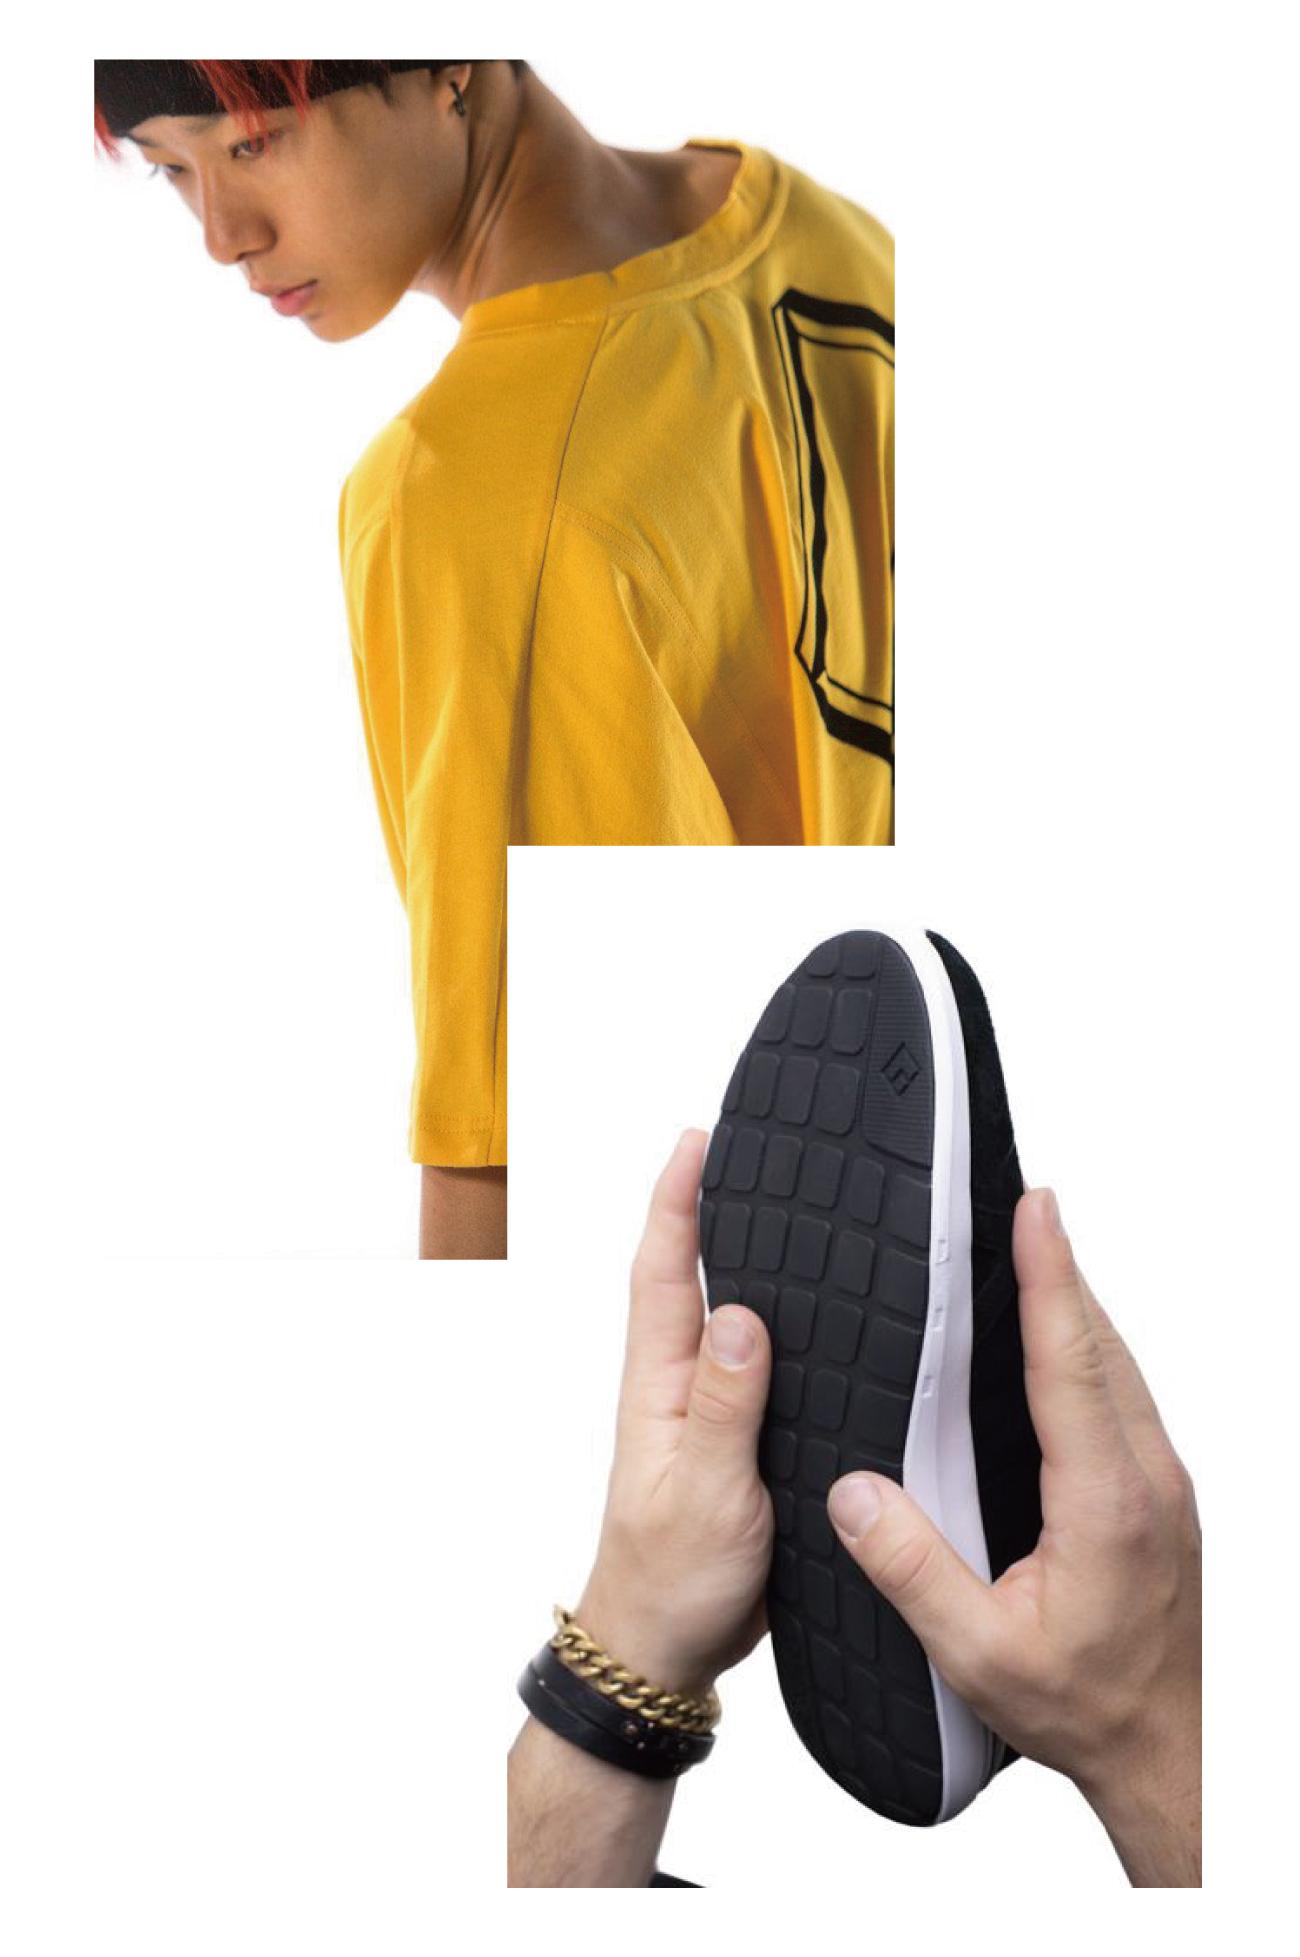 zen_parkour_shoes.jpg